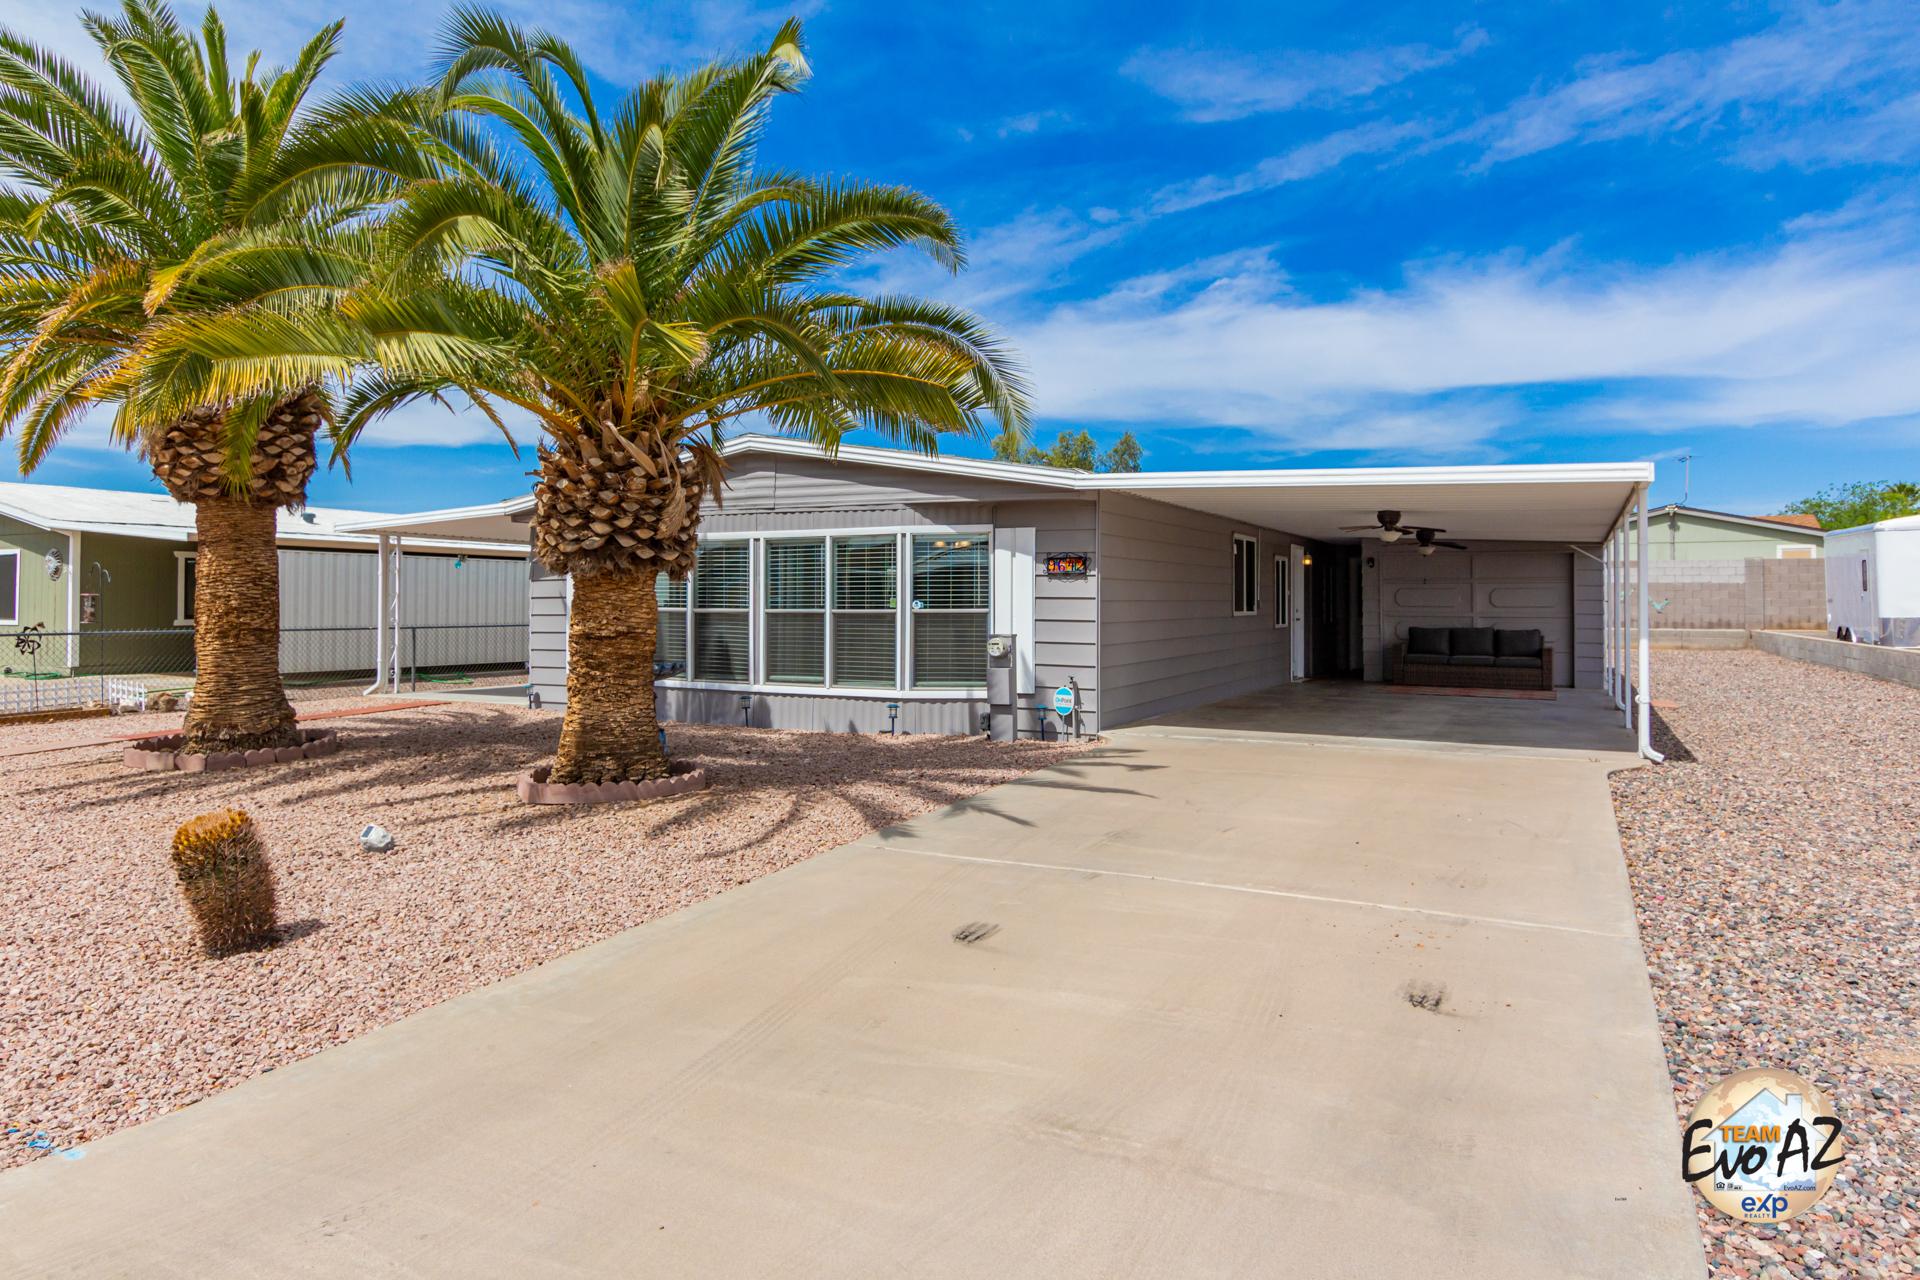 9642 E EDGEWOOD AVE, Mesa, AZ 85208